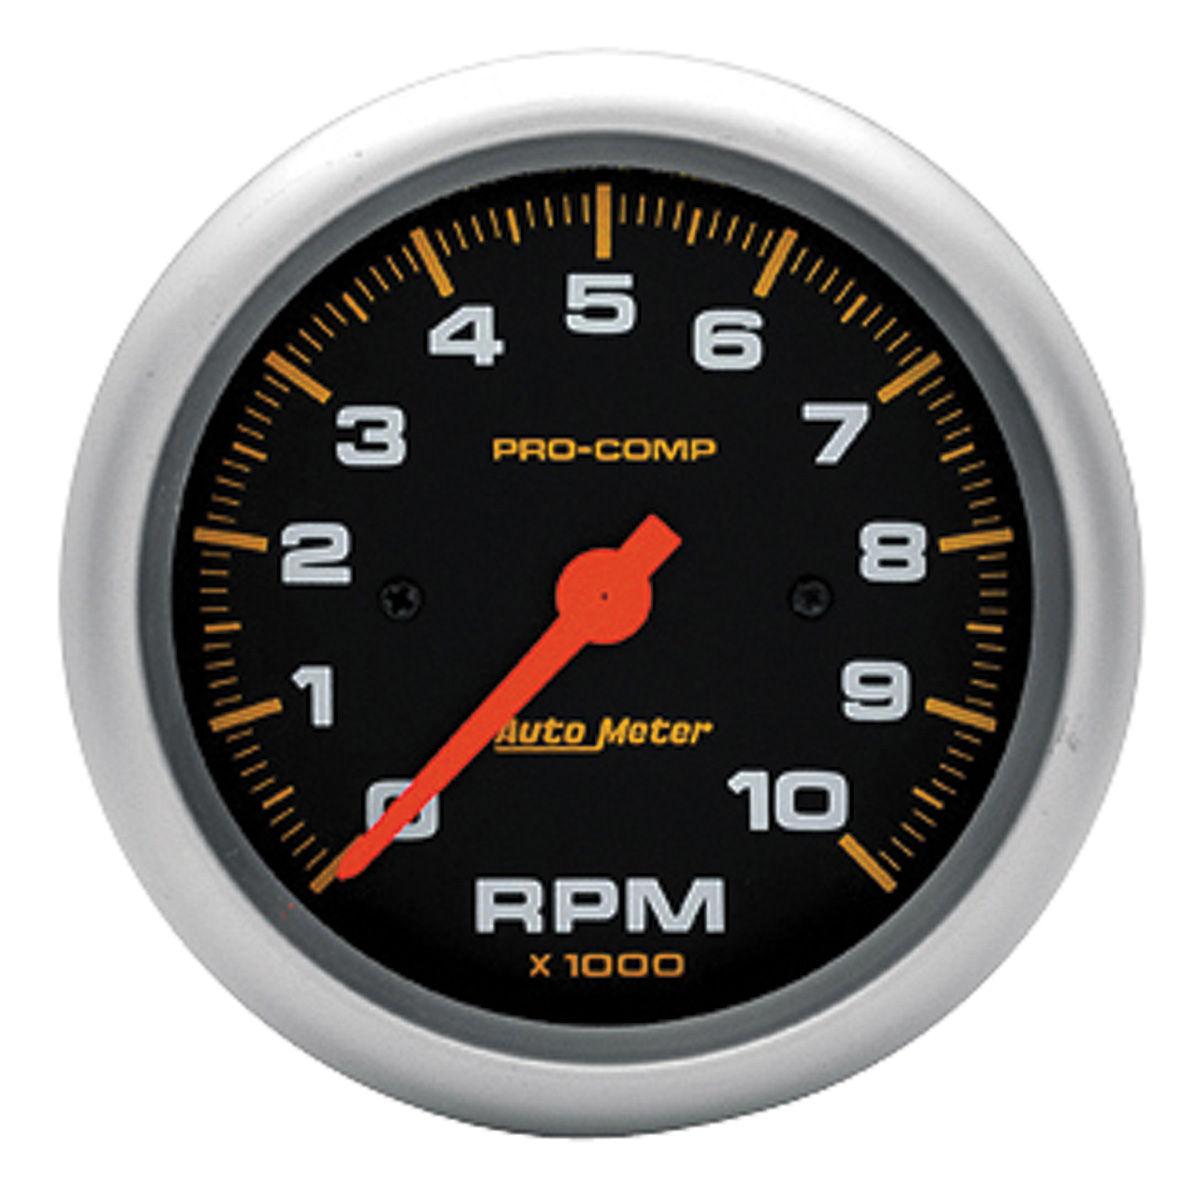 Gauge, Tachometer, Auto Meter, Pro-Comp, 3-3/8